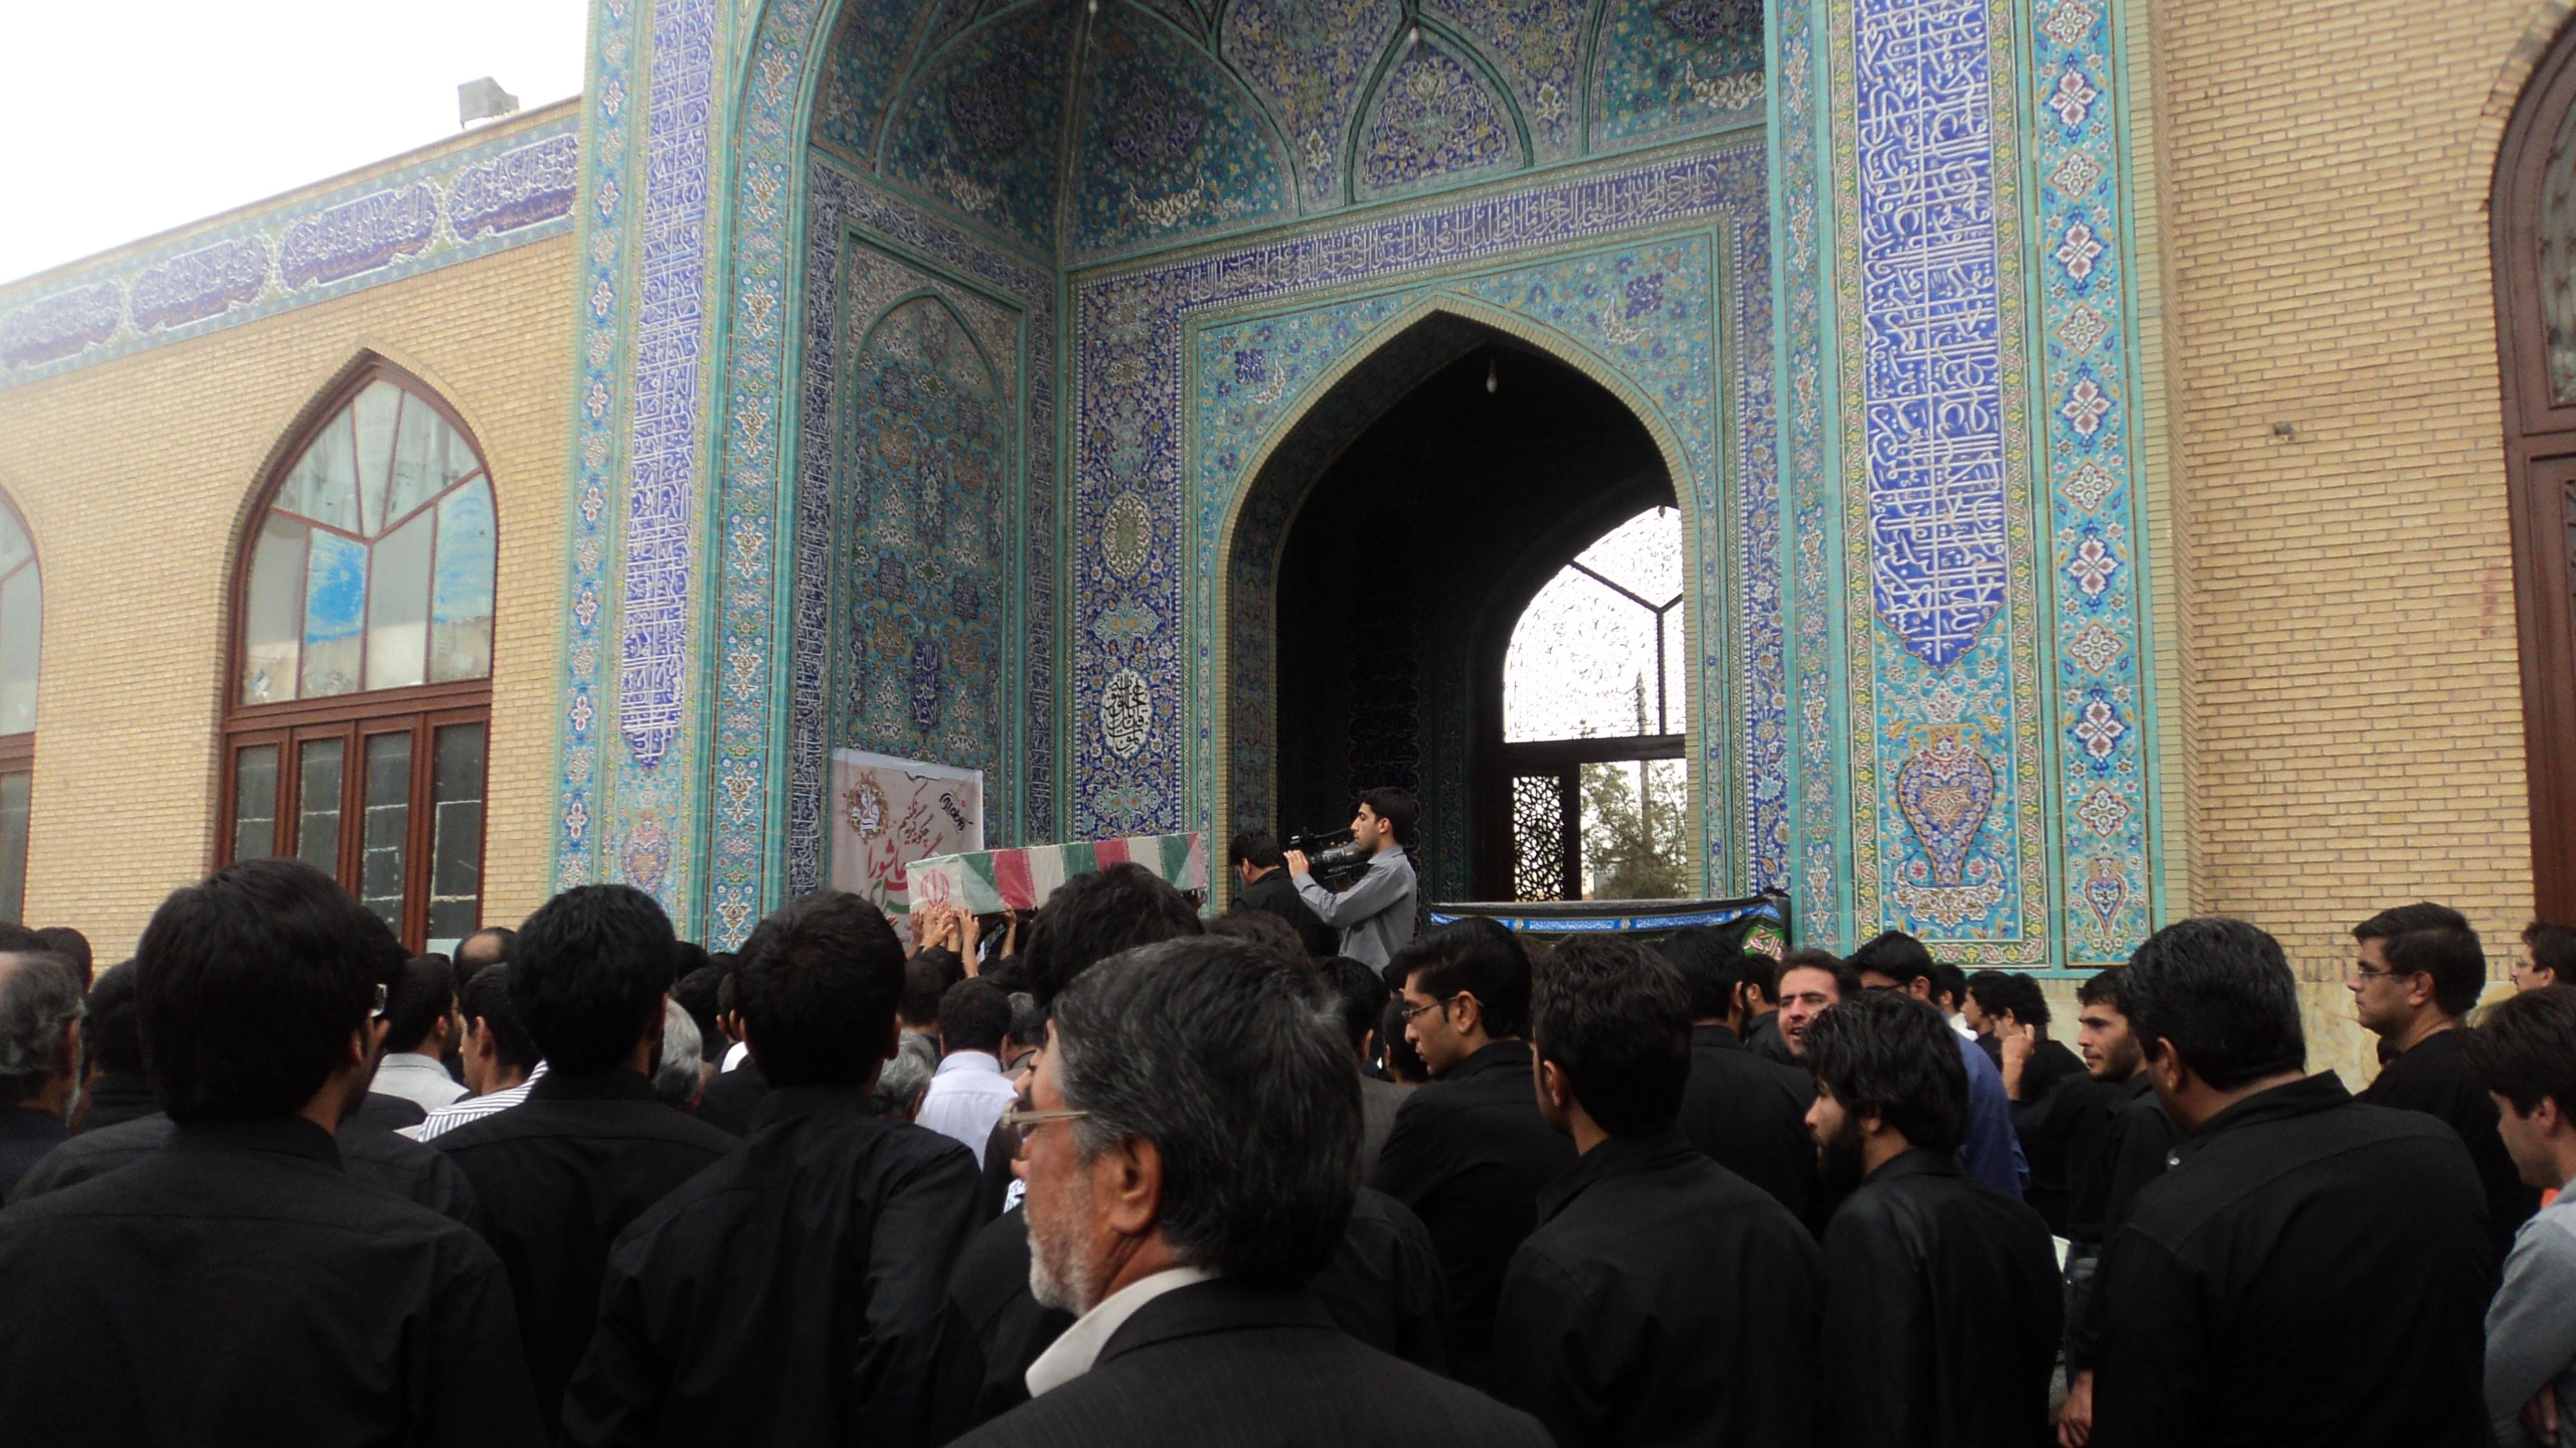 وداع با یک شهید گمنام/میزبانی رفسنجانی ها برای لاله ی کربلایی + عکس